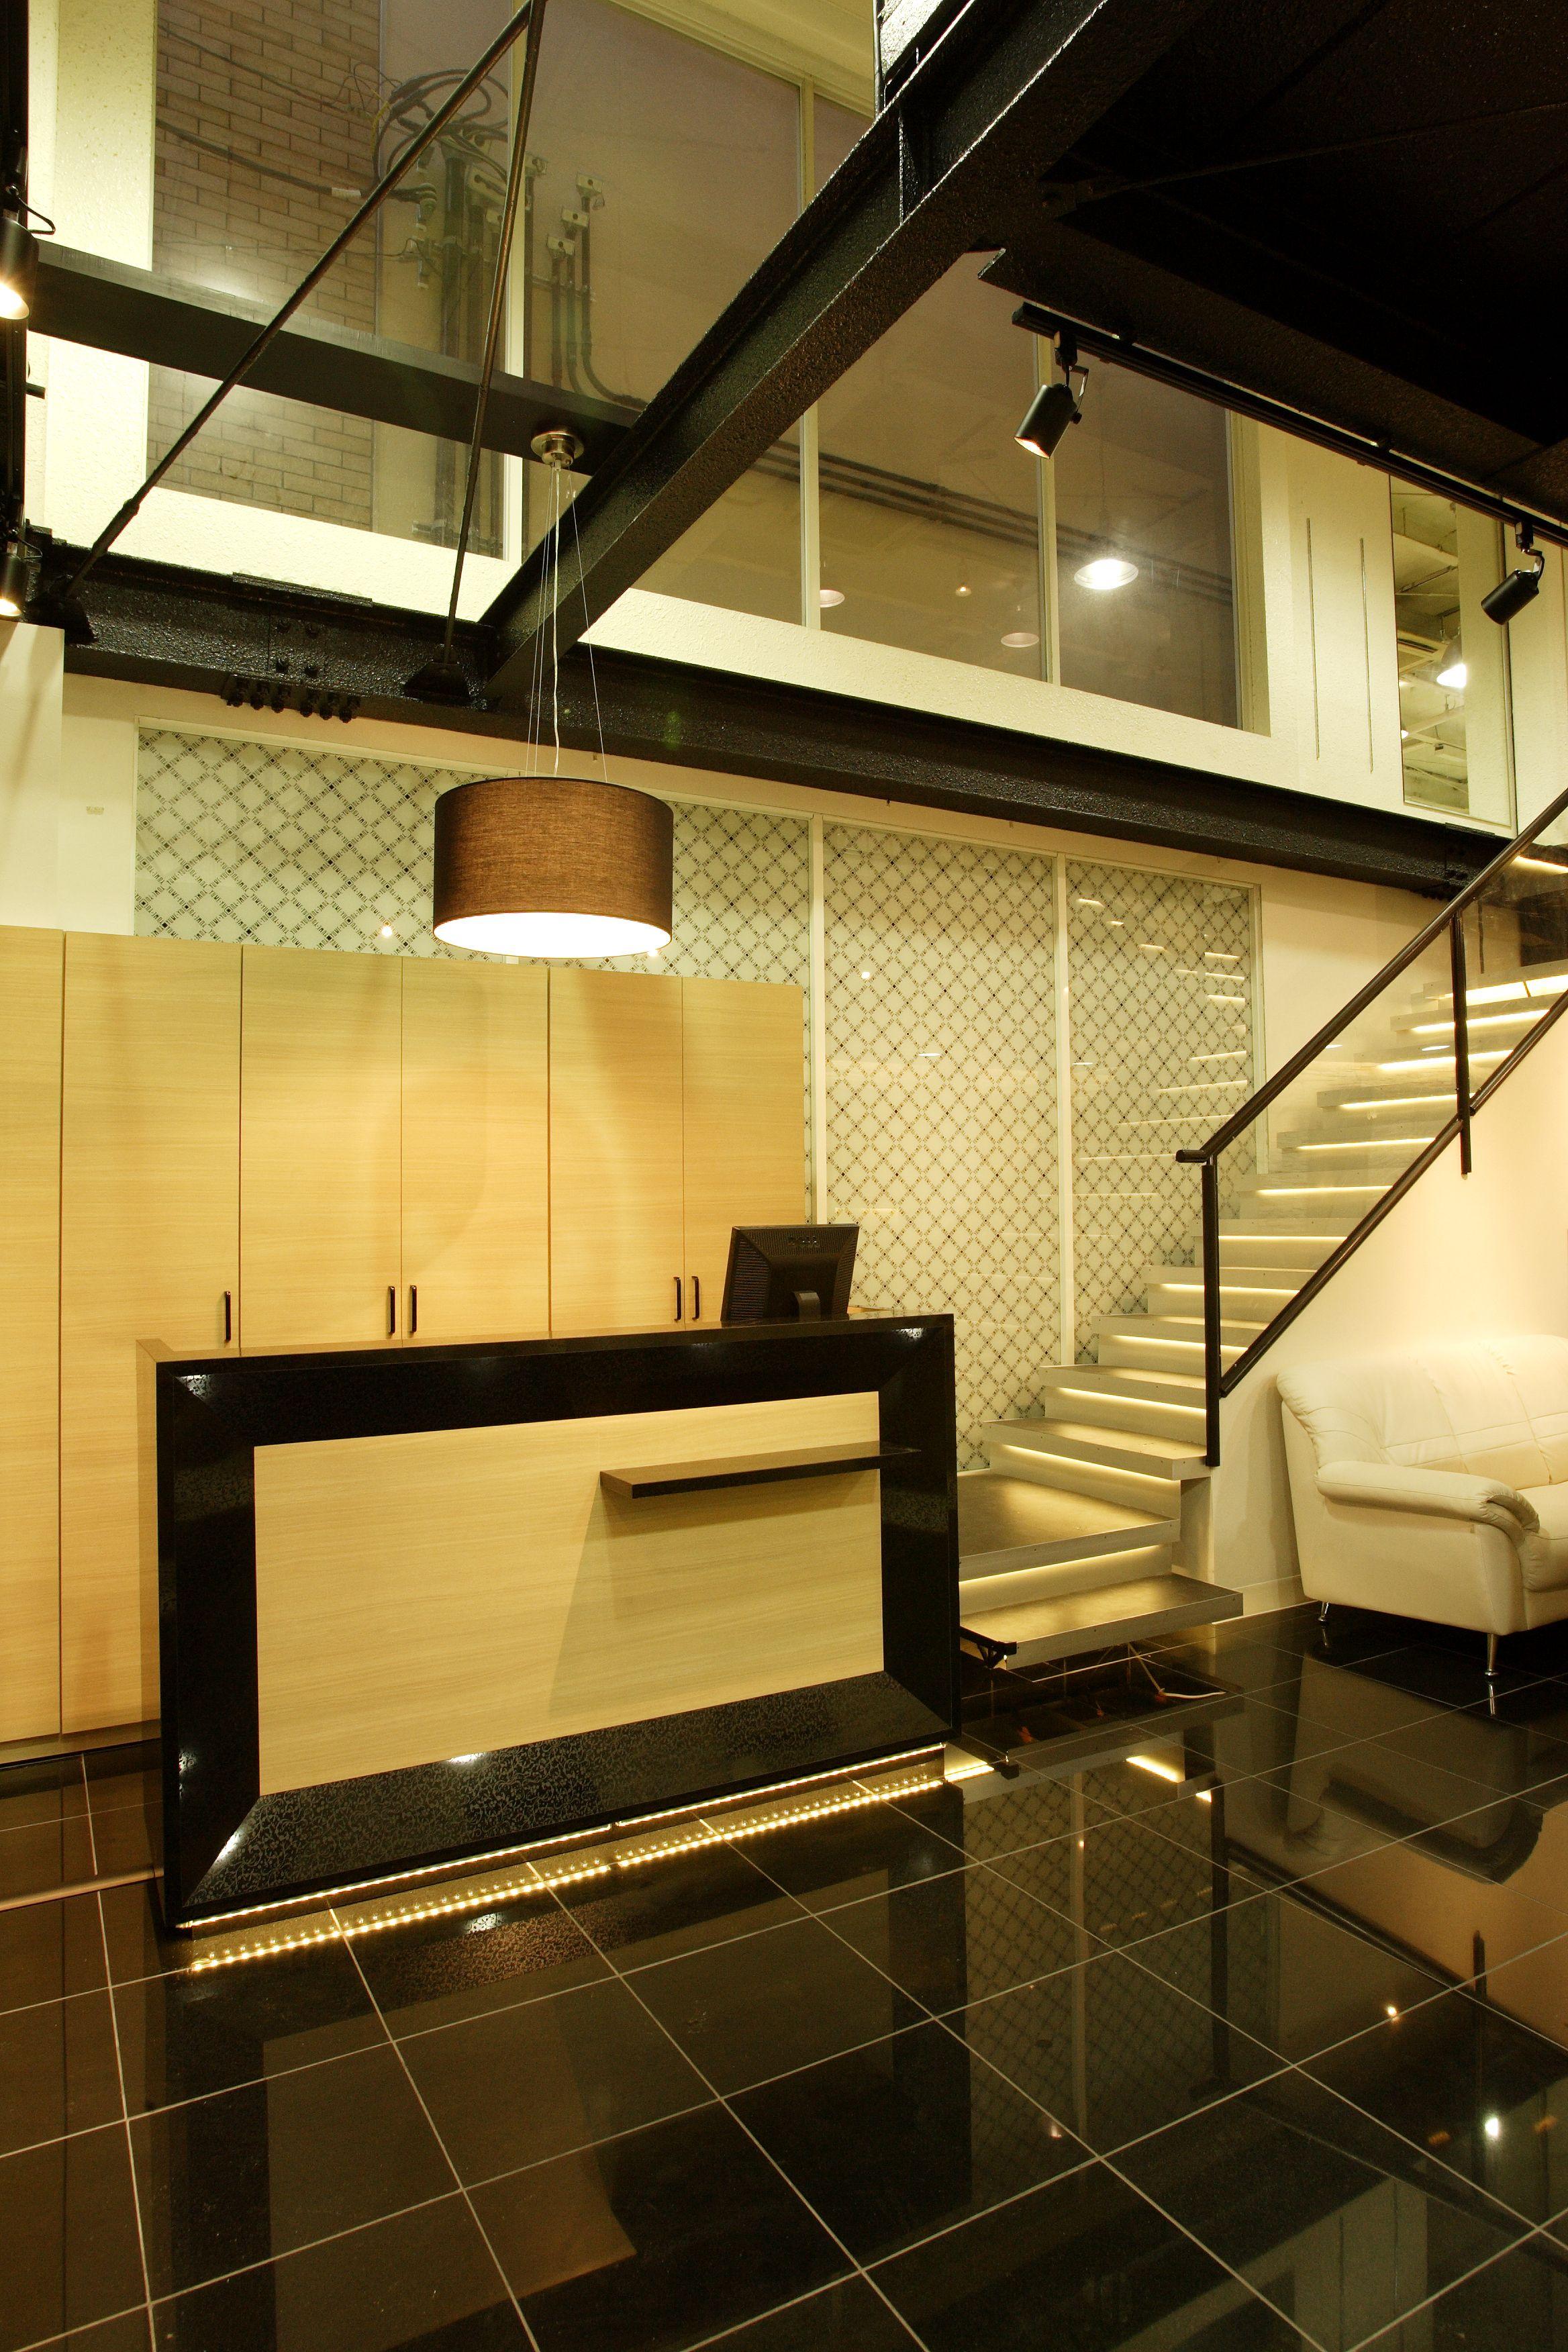 salon com for ideas hair main design cutaway interior modern wentis